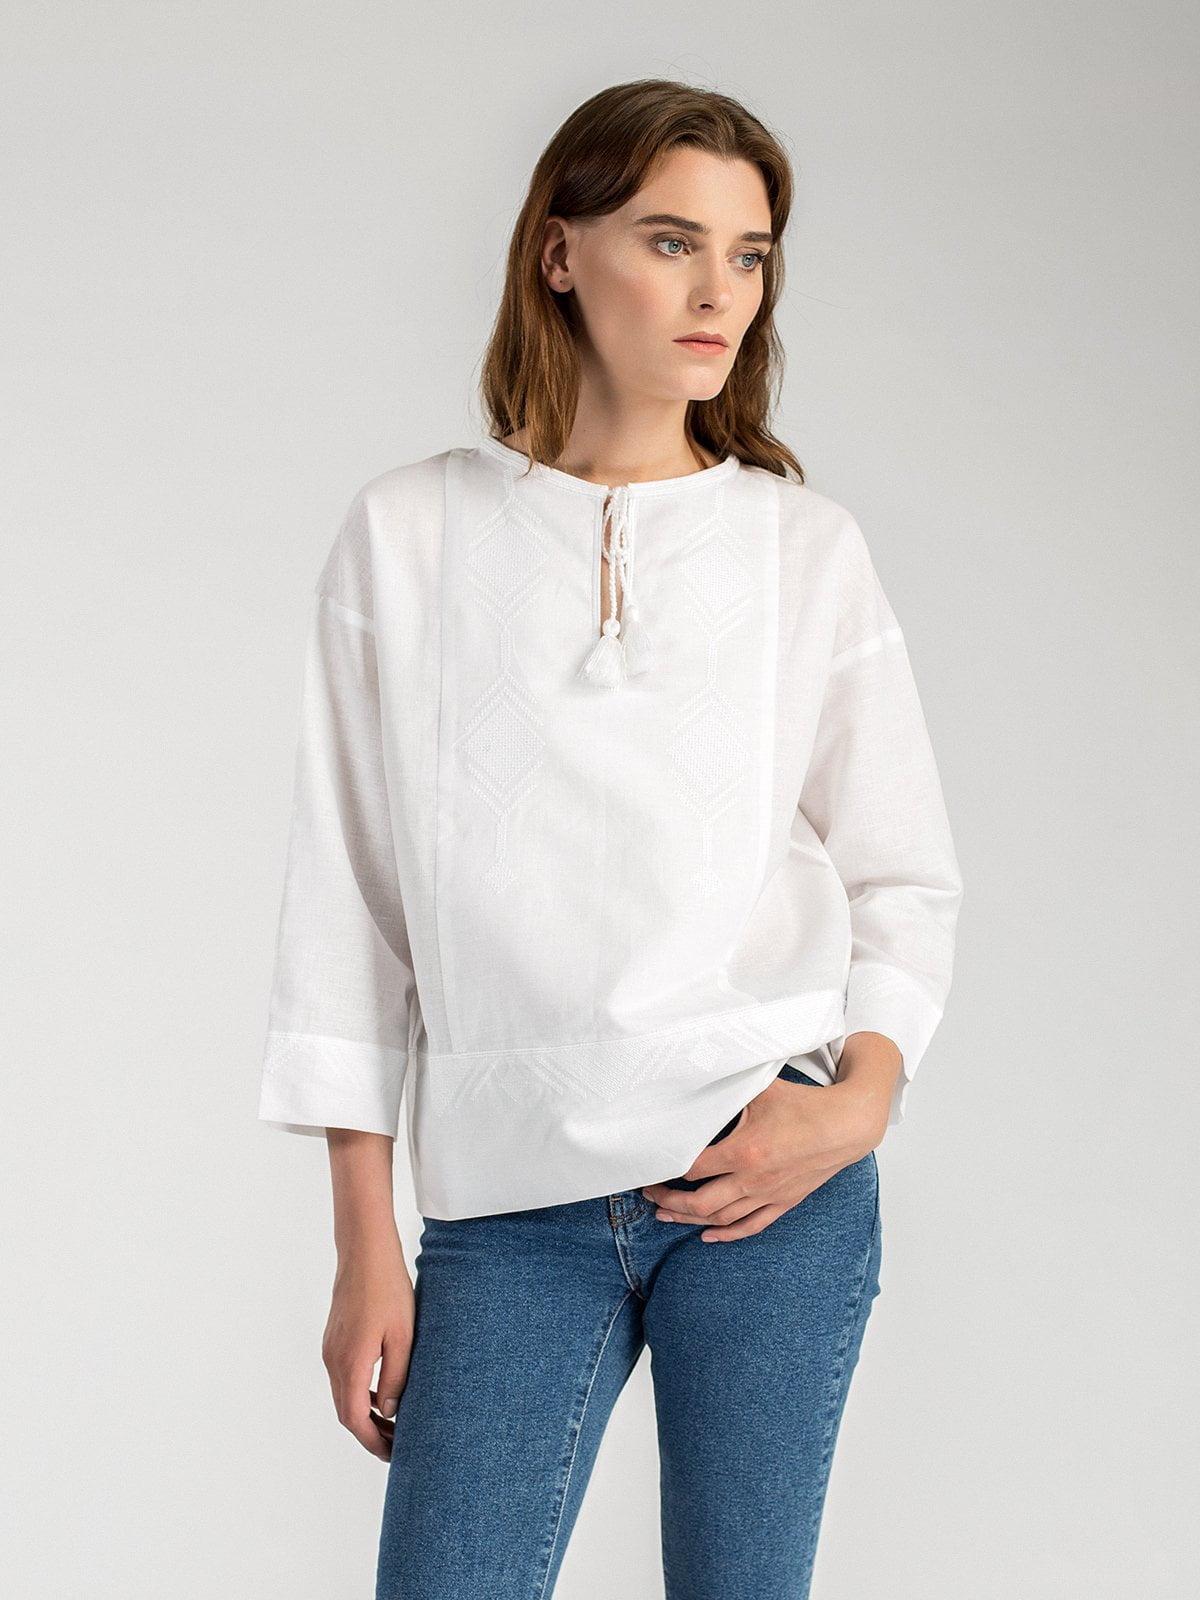 Жіноча вишиванка вільного крою з білого льону Ethnic 1 – купити в ... 8b3045cf718d8